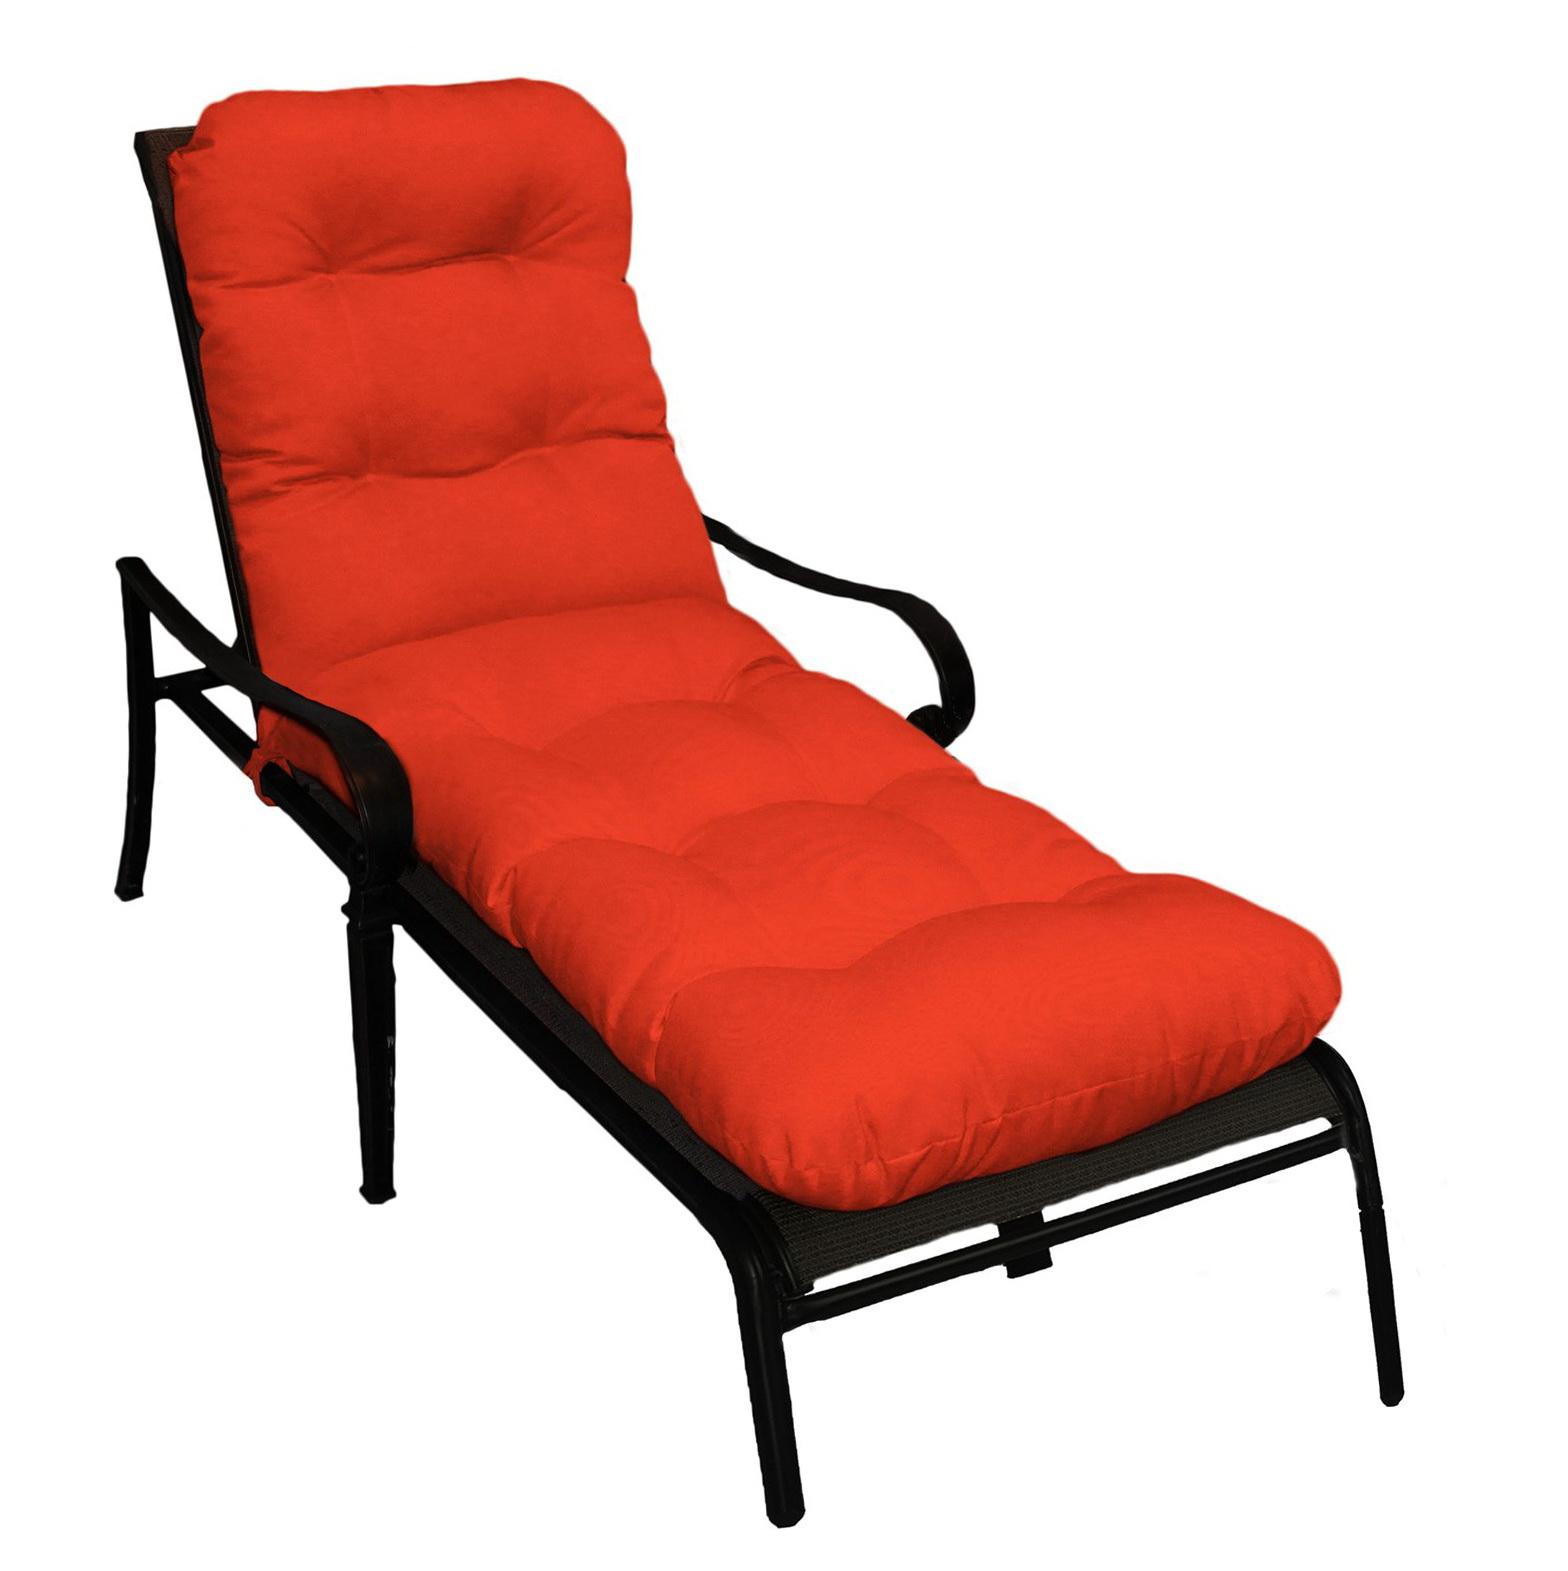 Lounge Chair Cushions Target Home Design Ideas